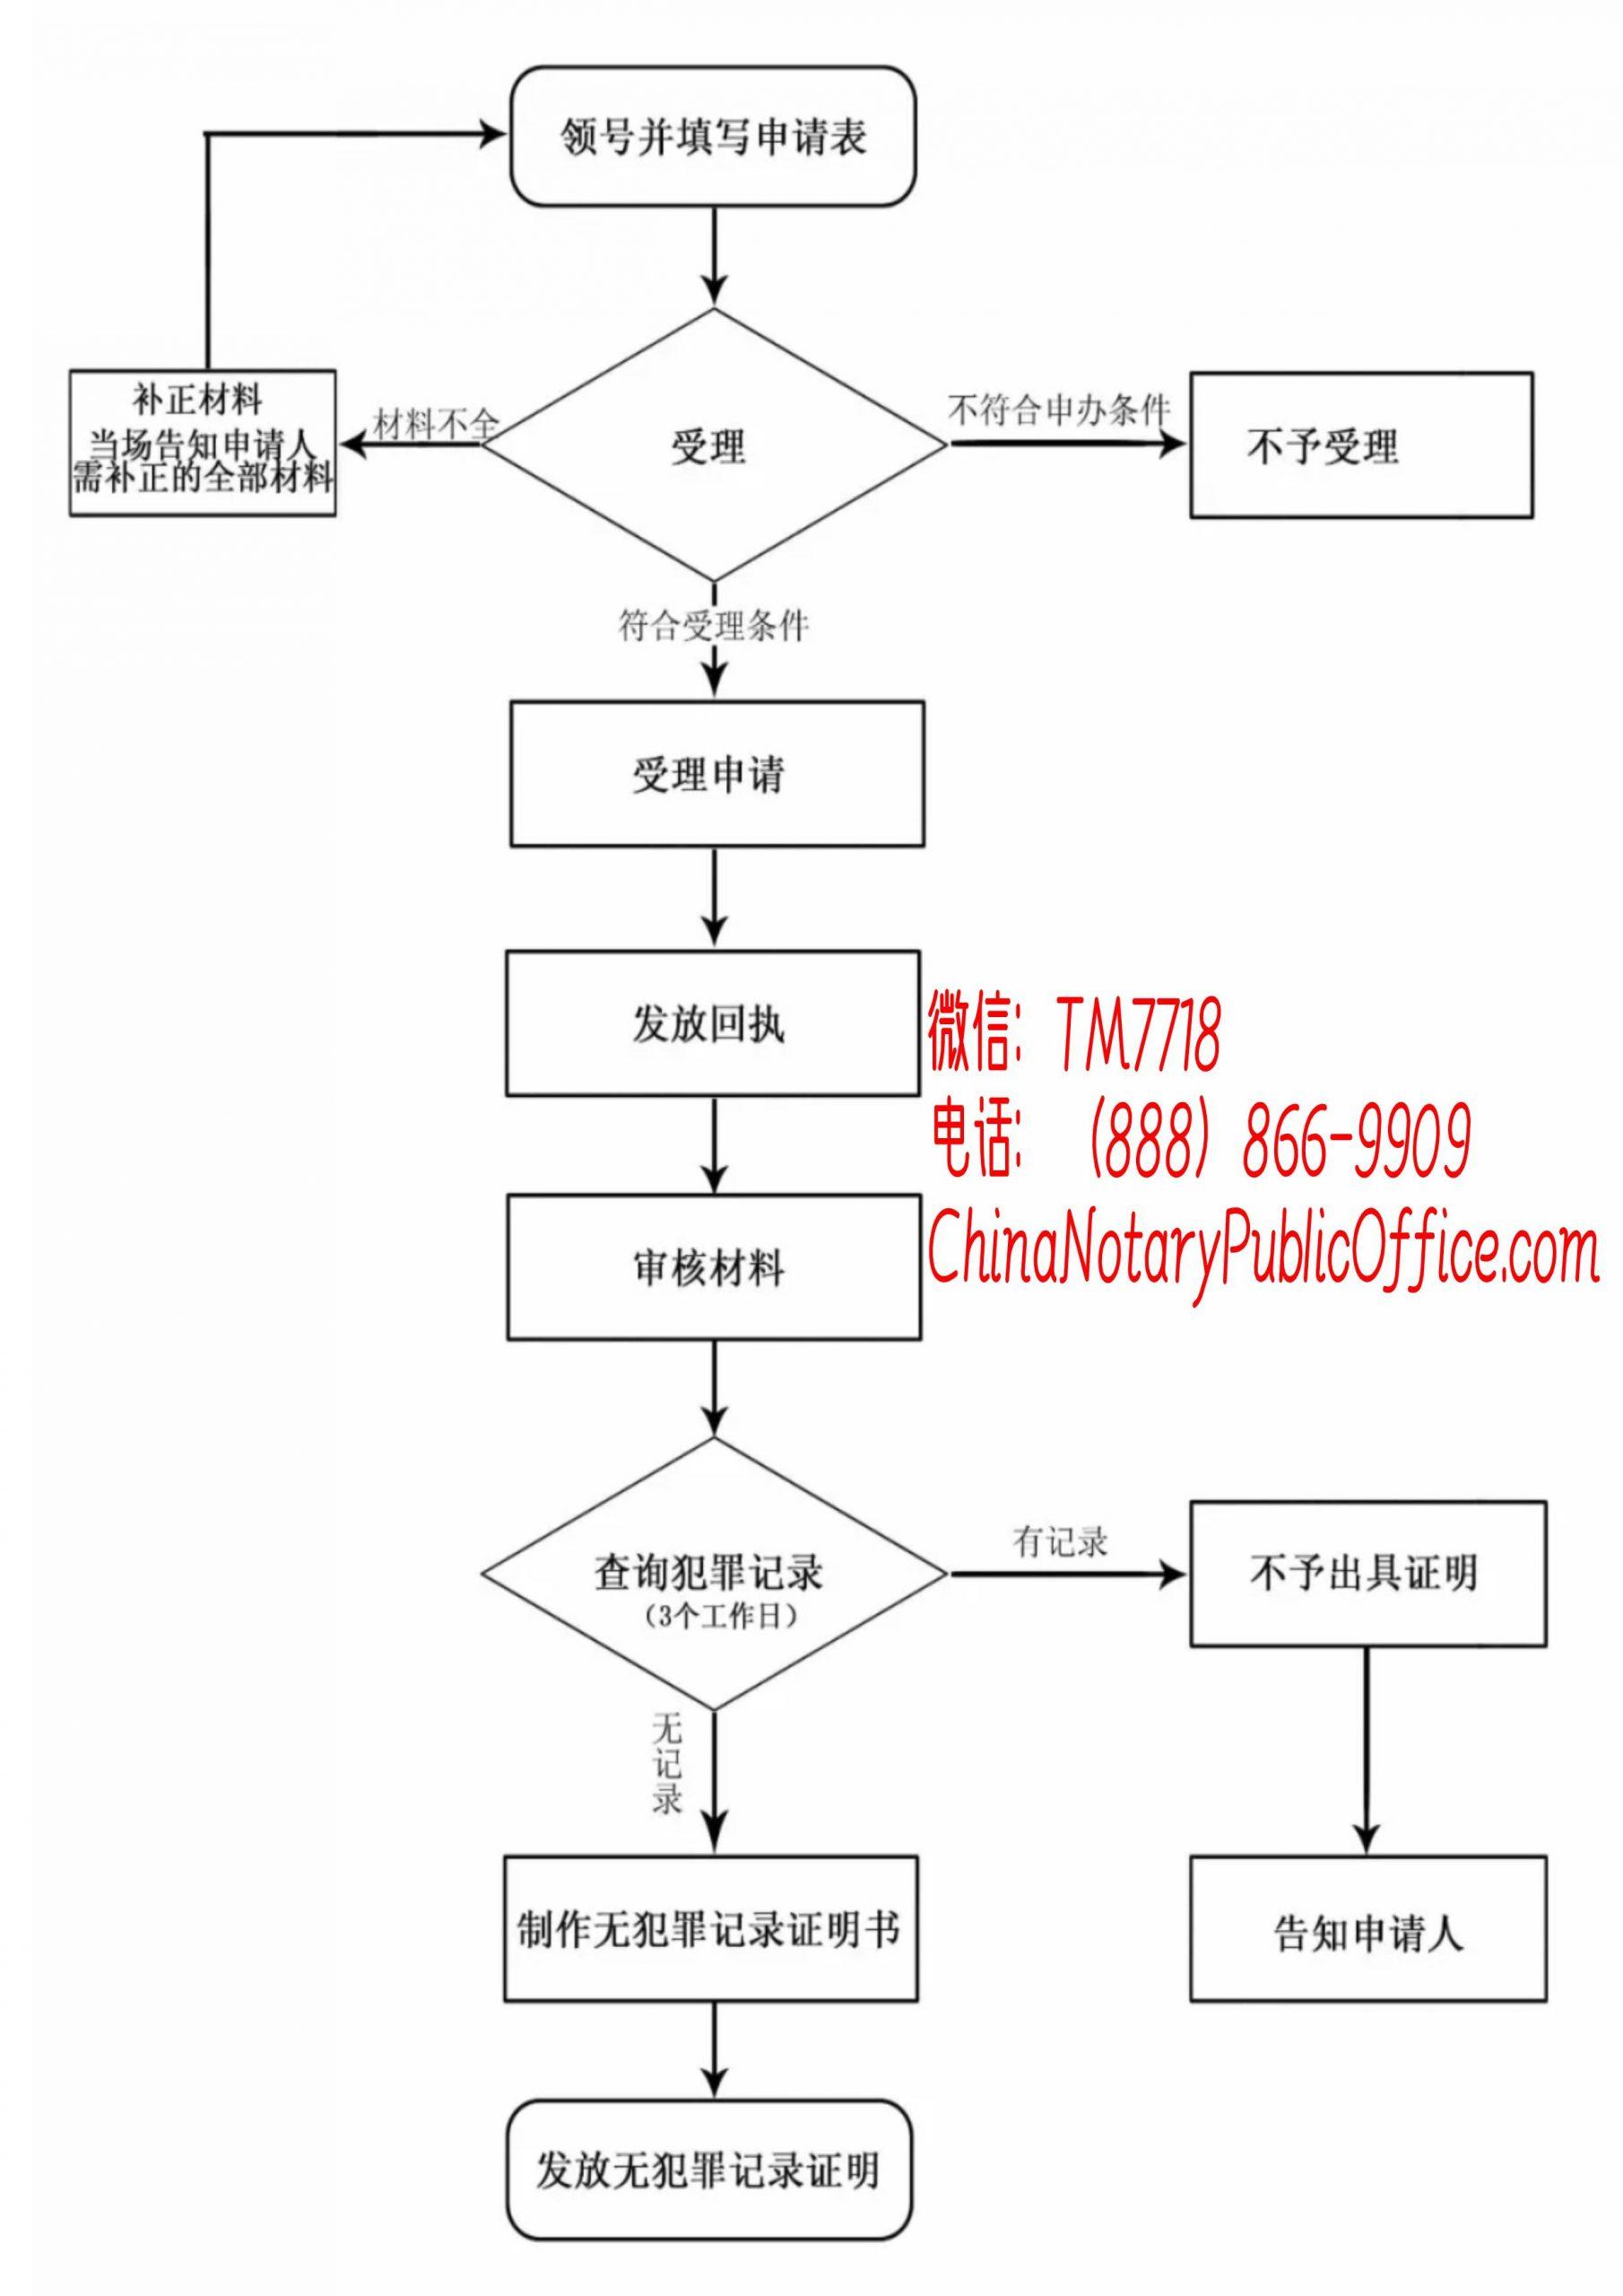 无犯罪记录办理流程图